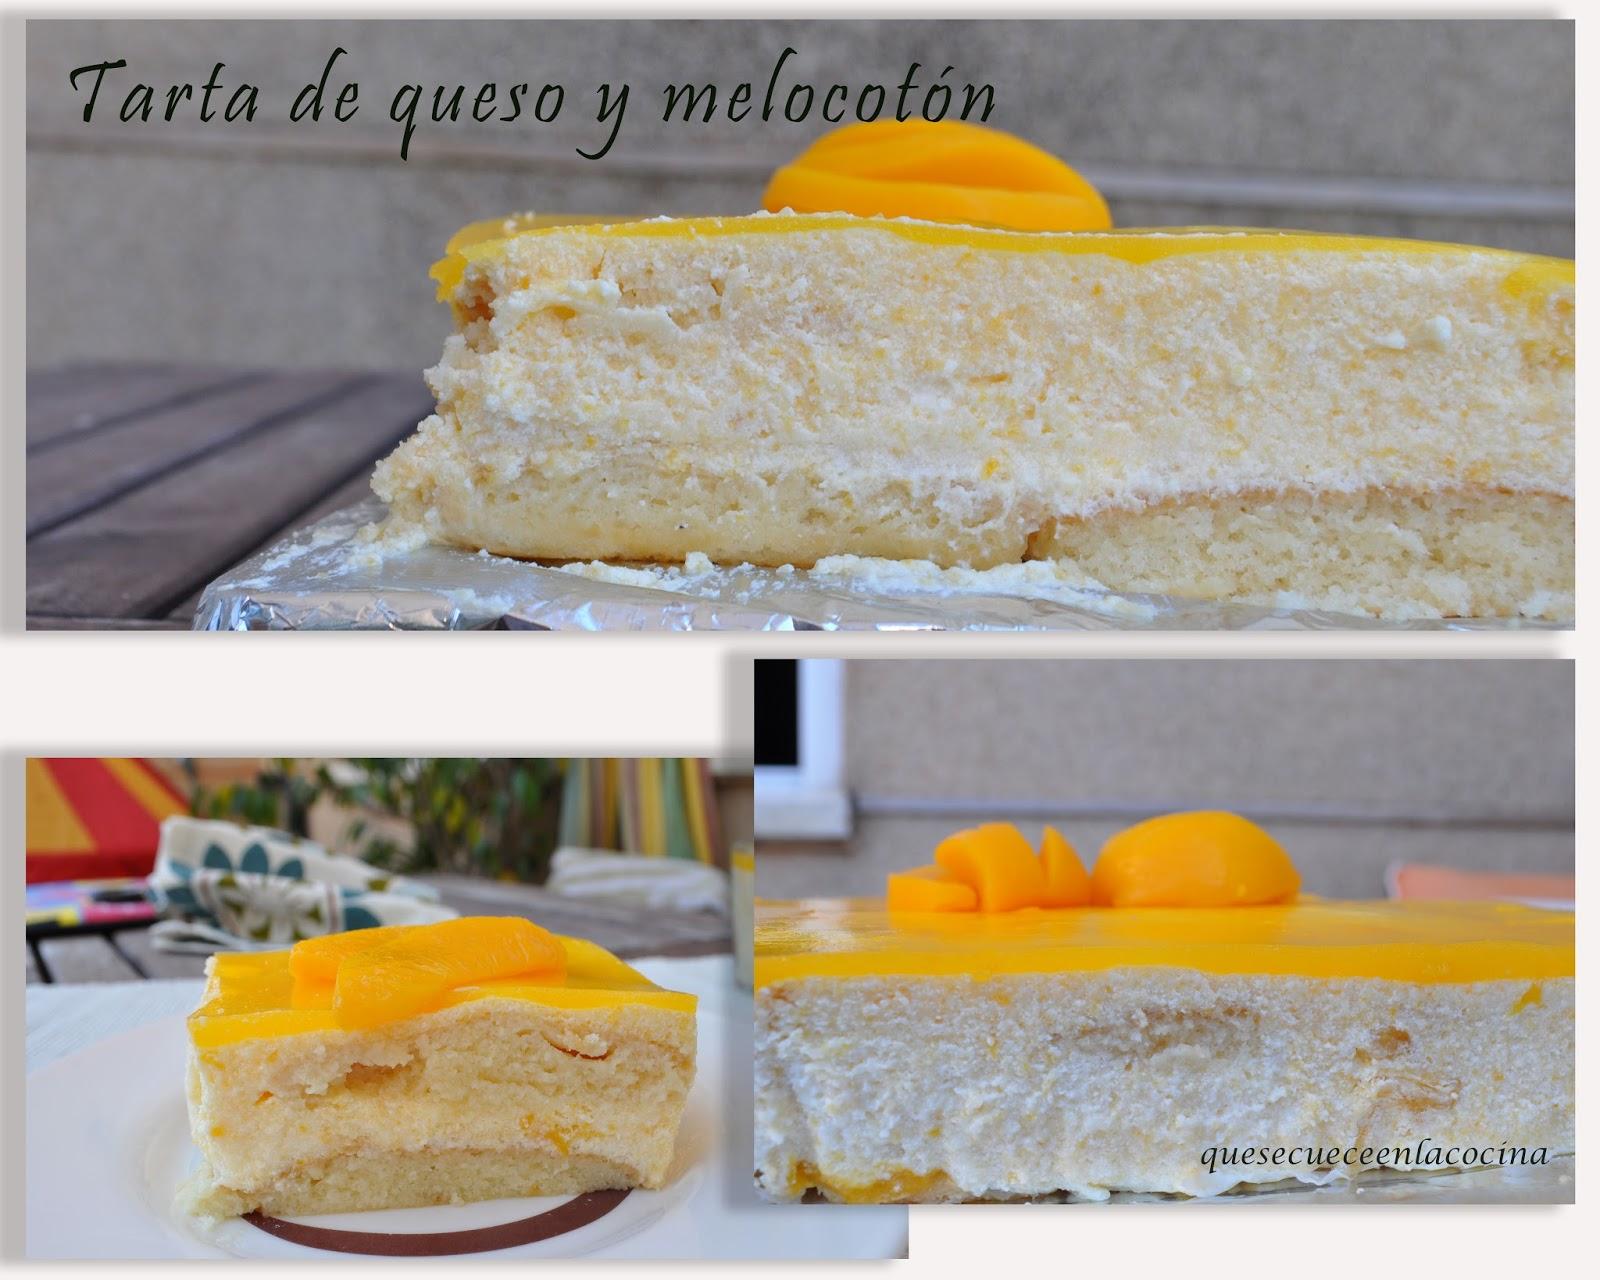 Tarta de queso y melocotón